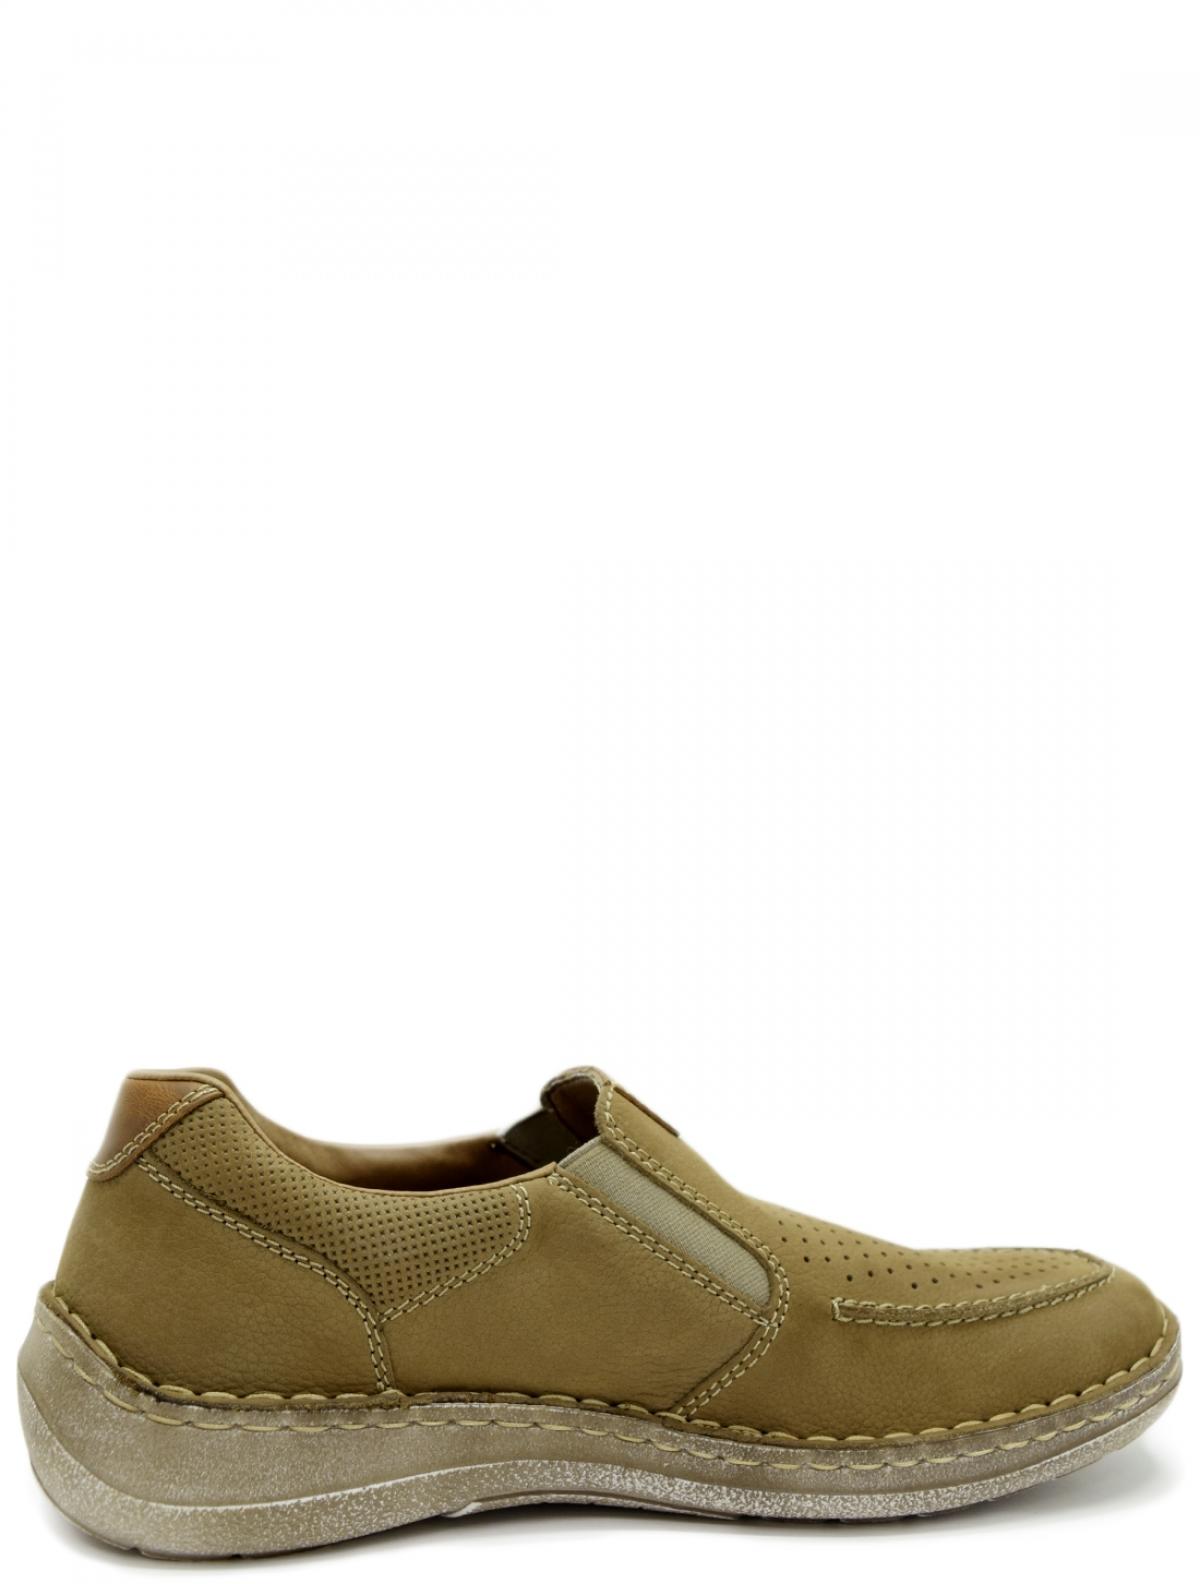 Rieker 03067-21 мужские туфли